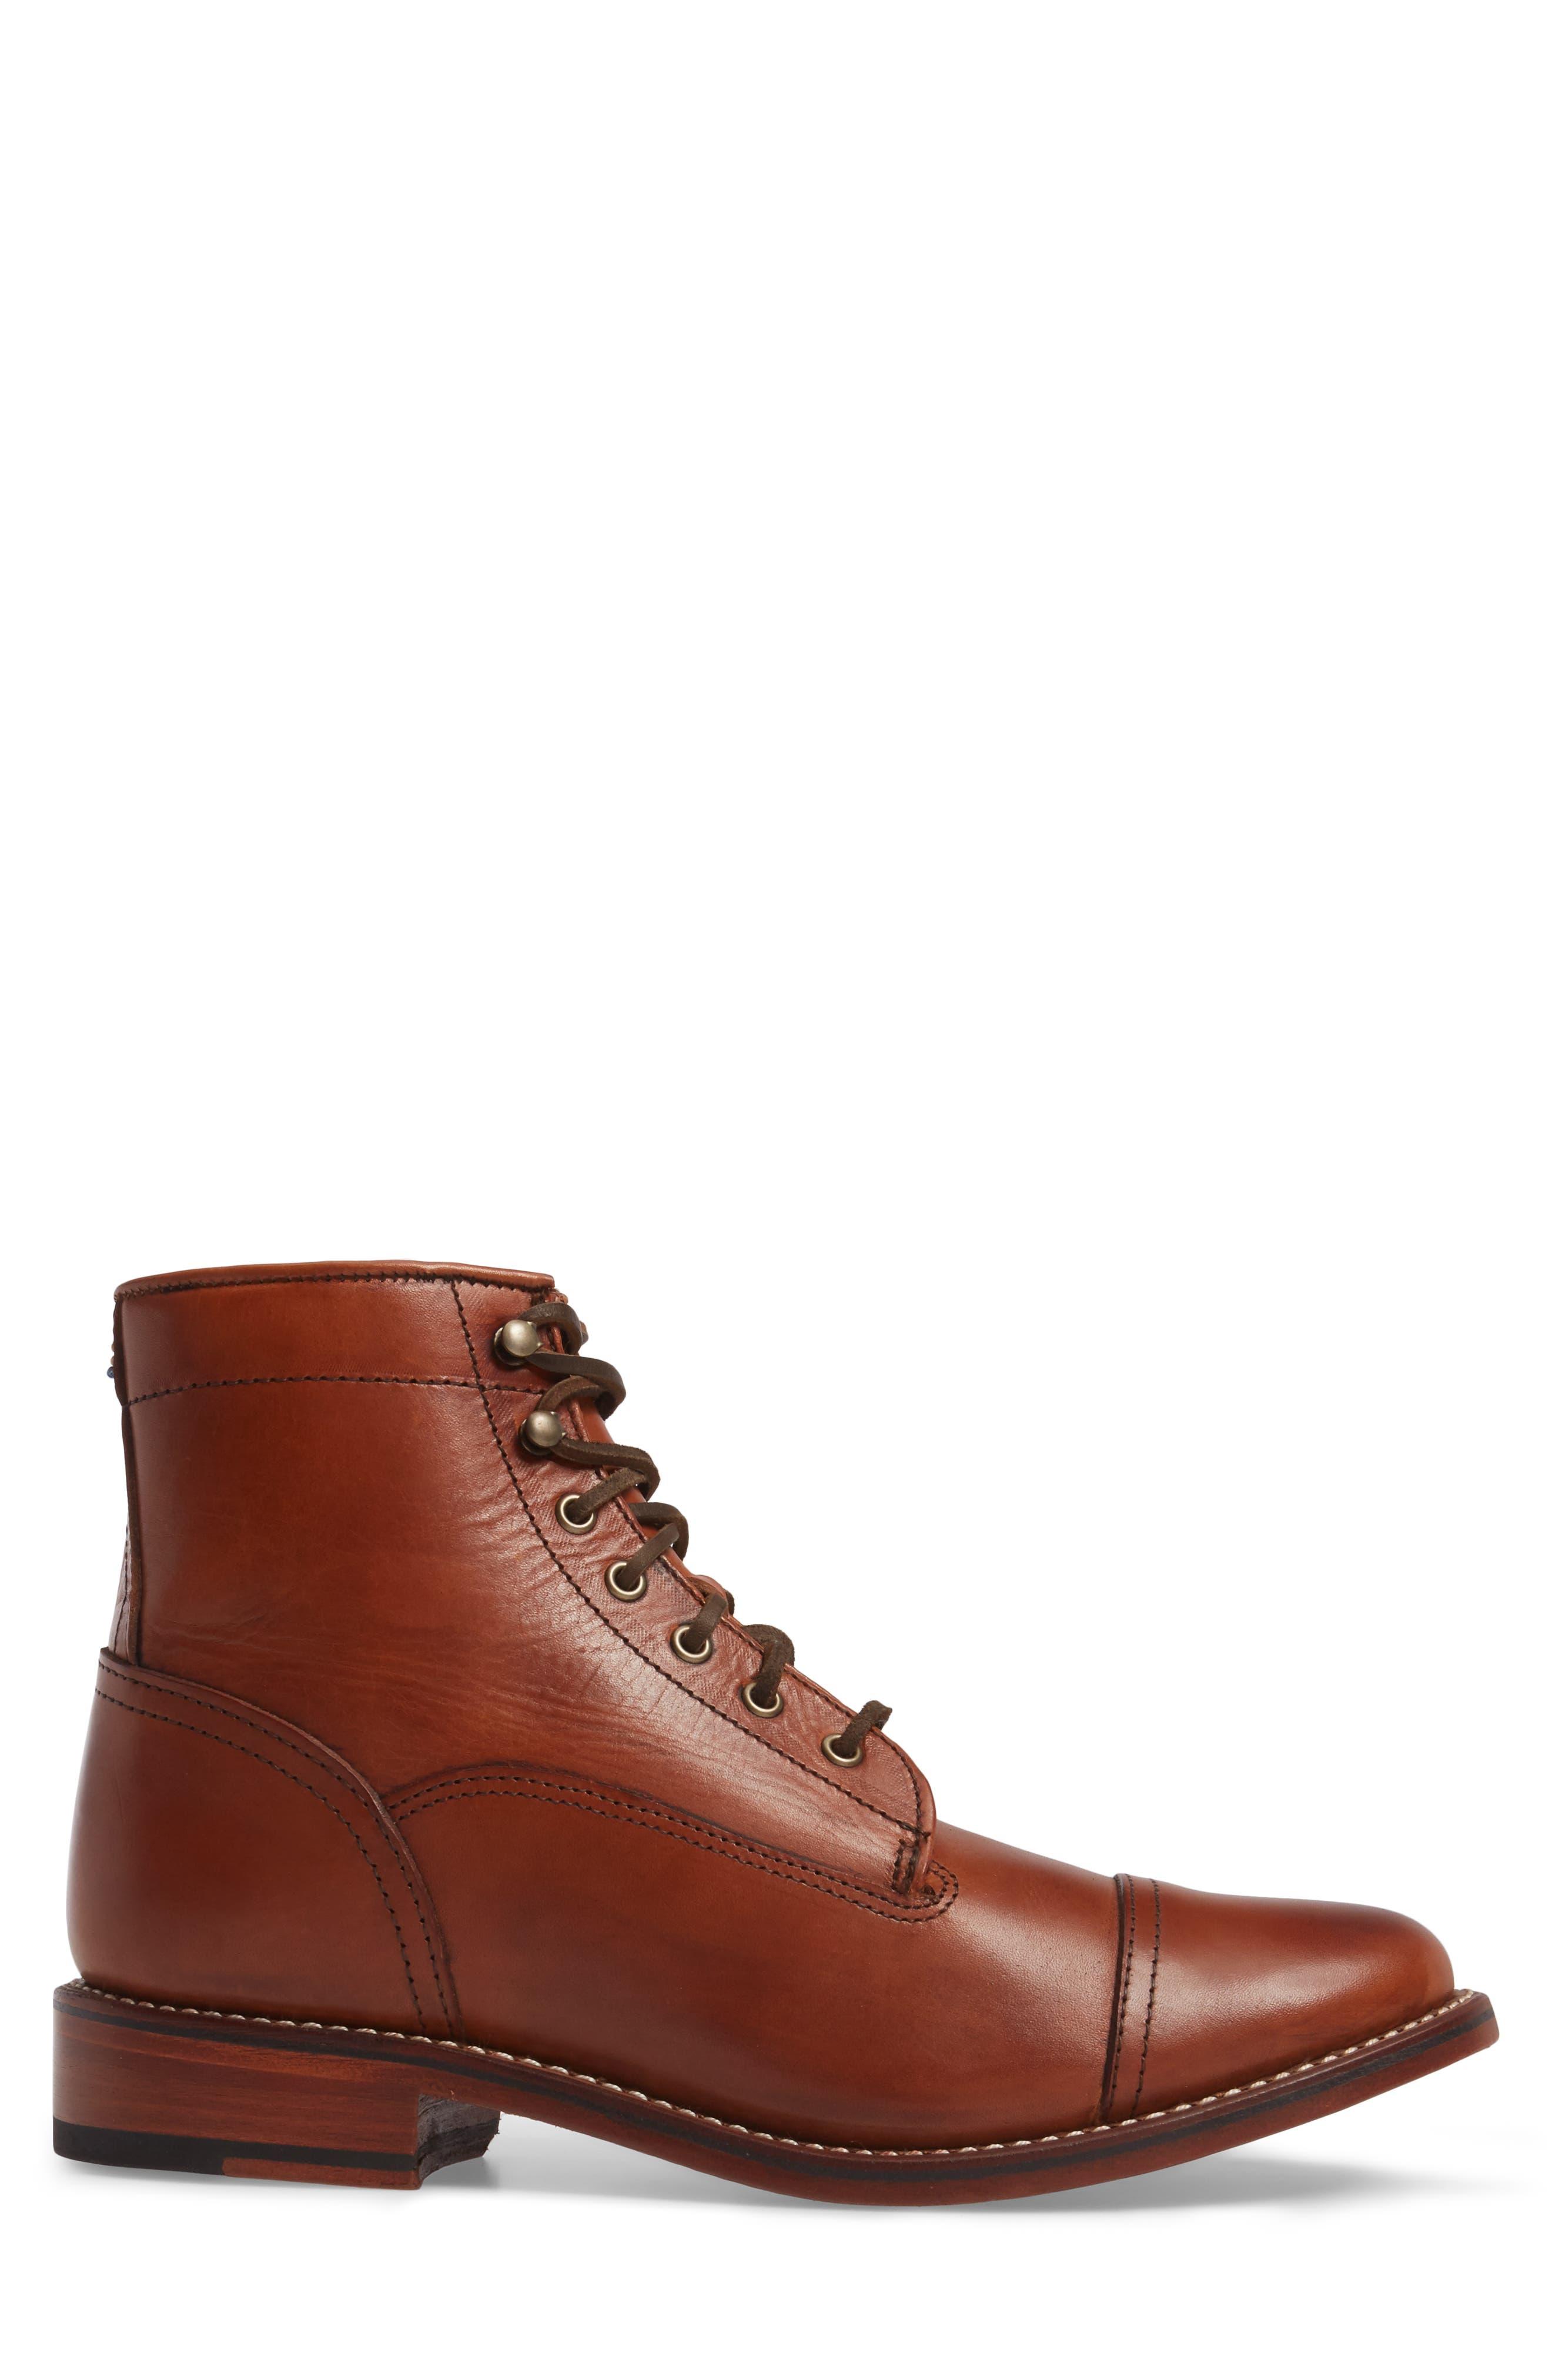 Alternate Image 3  - Ariat Highlands Cap Toe Boot (Men)